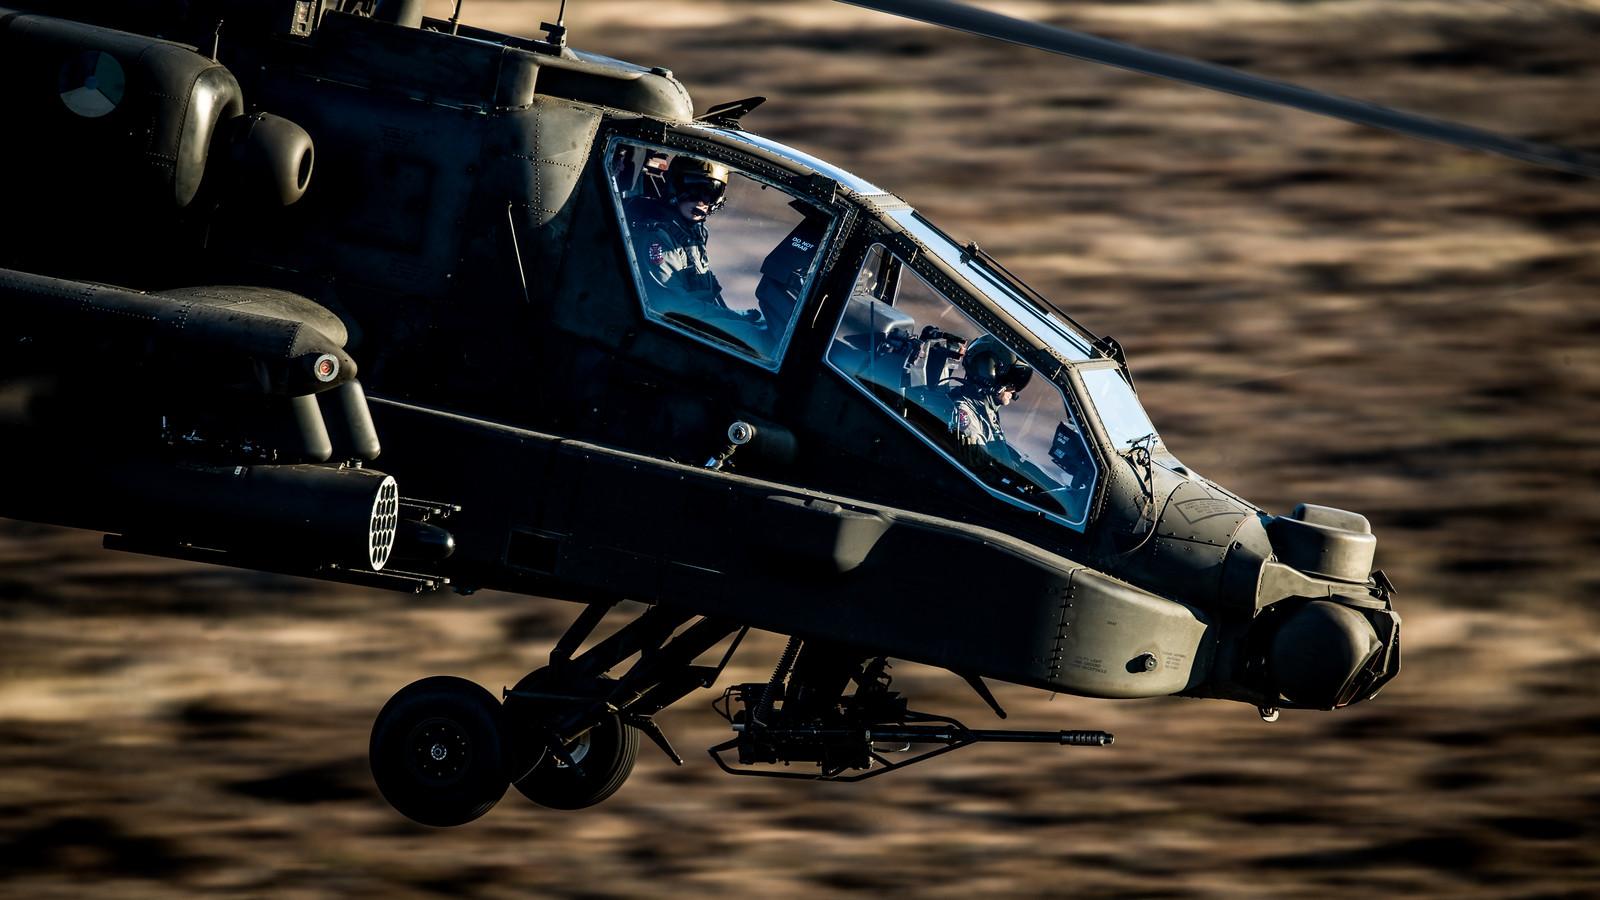 Een Apache gevechtshelikopter tijdens de vlucht.